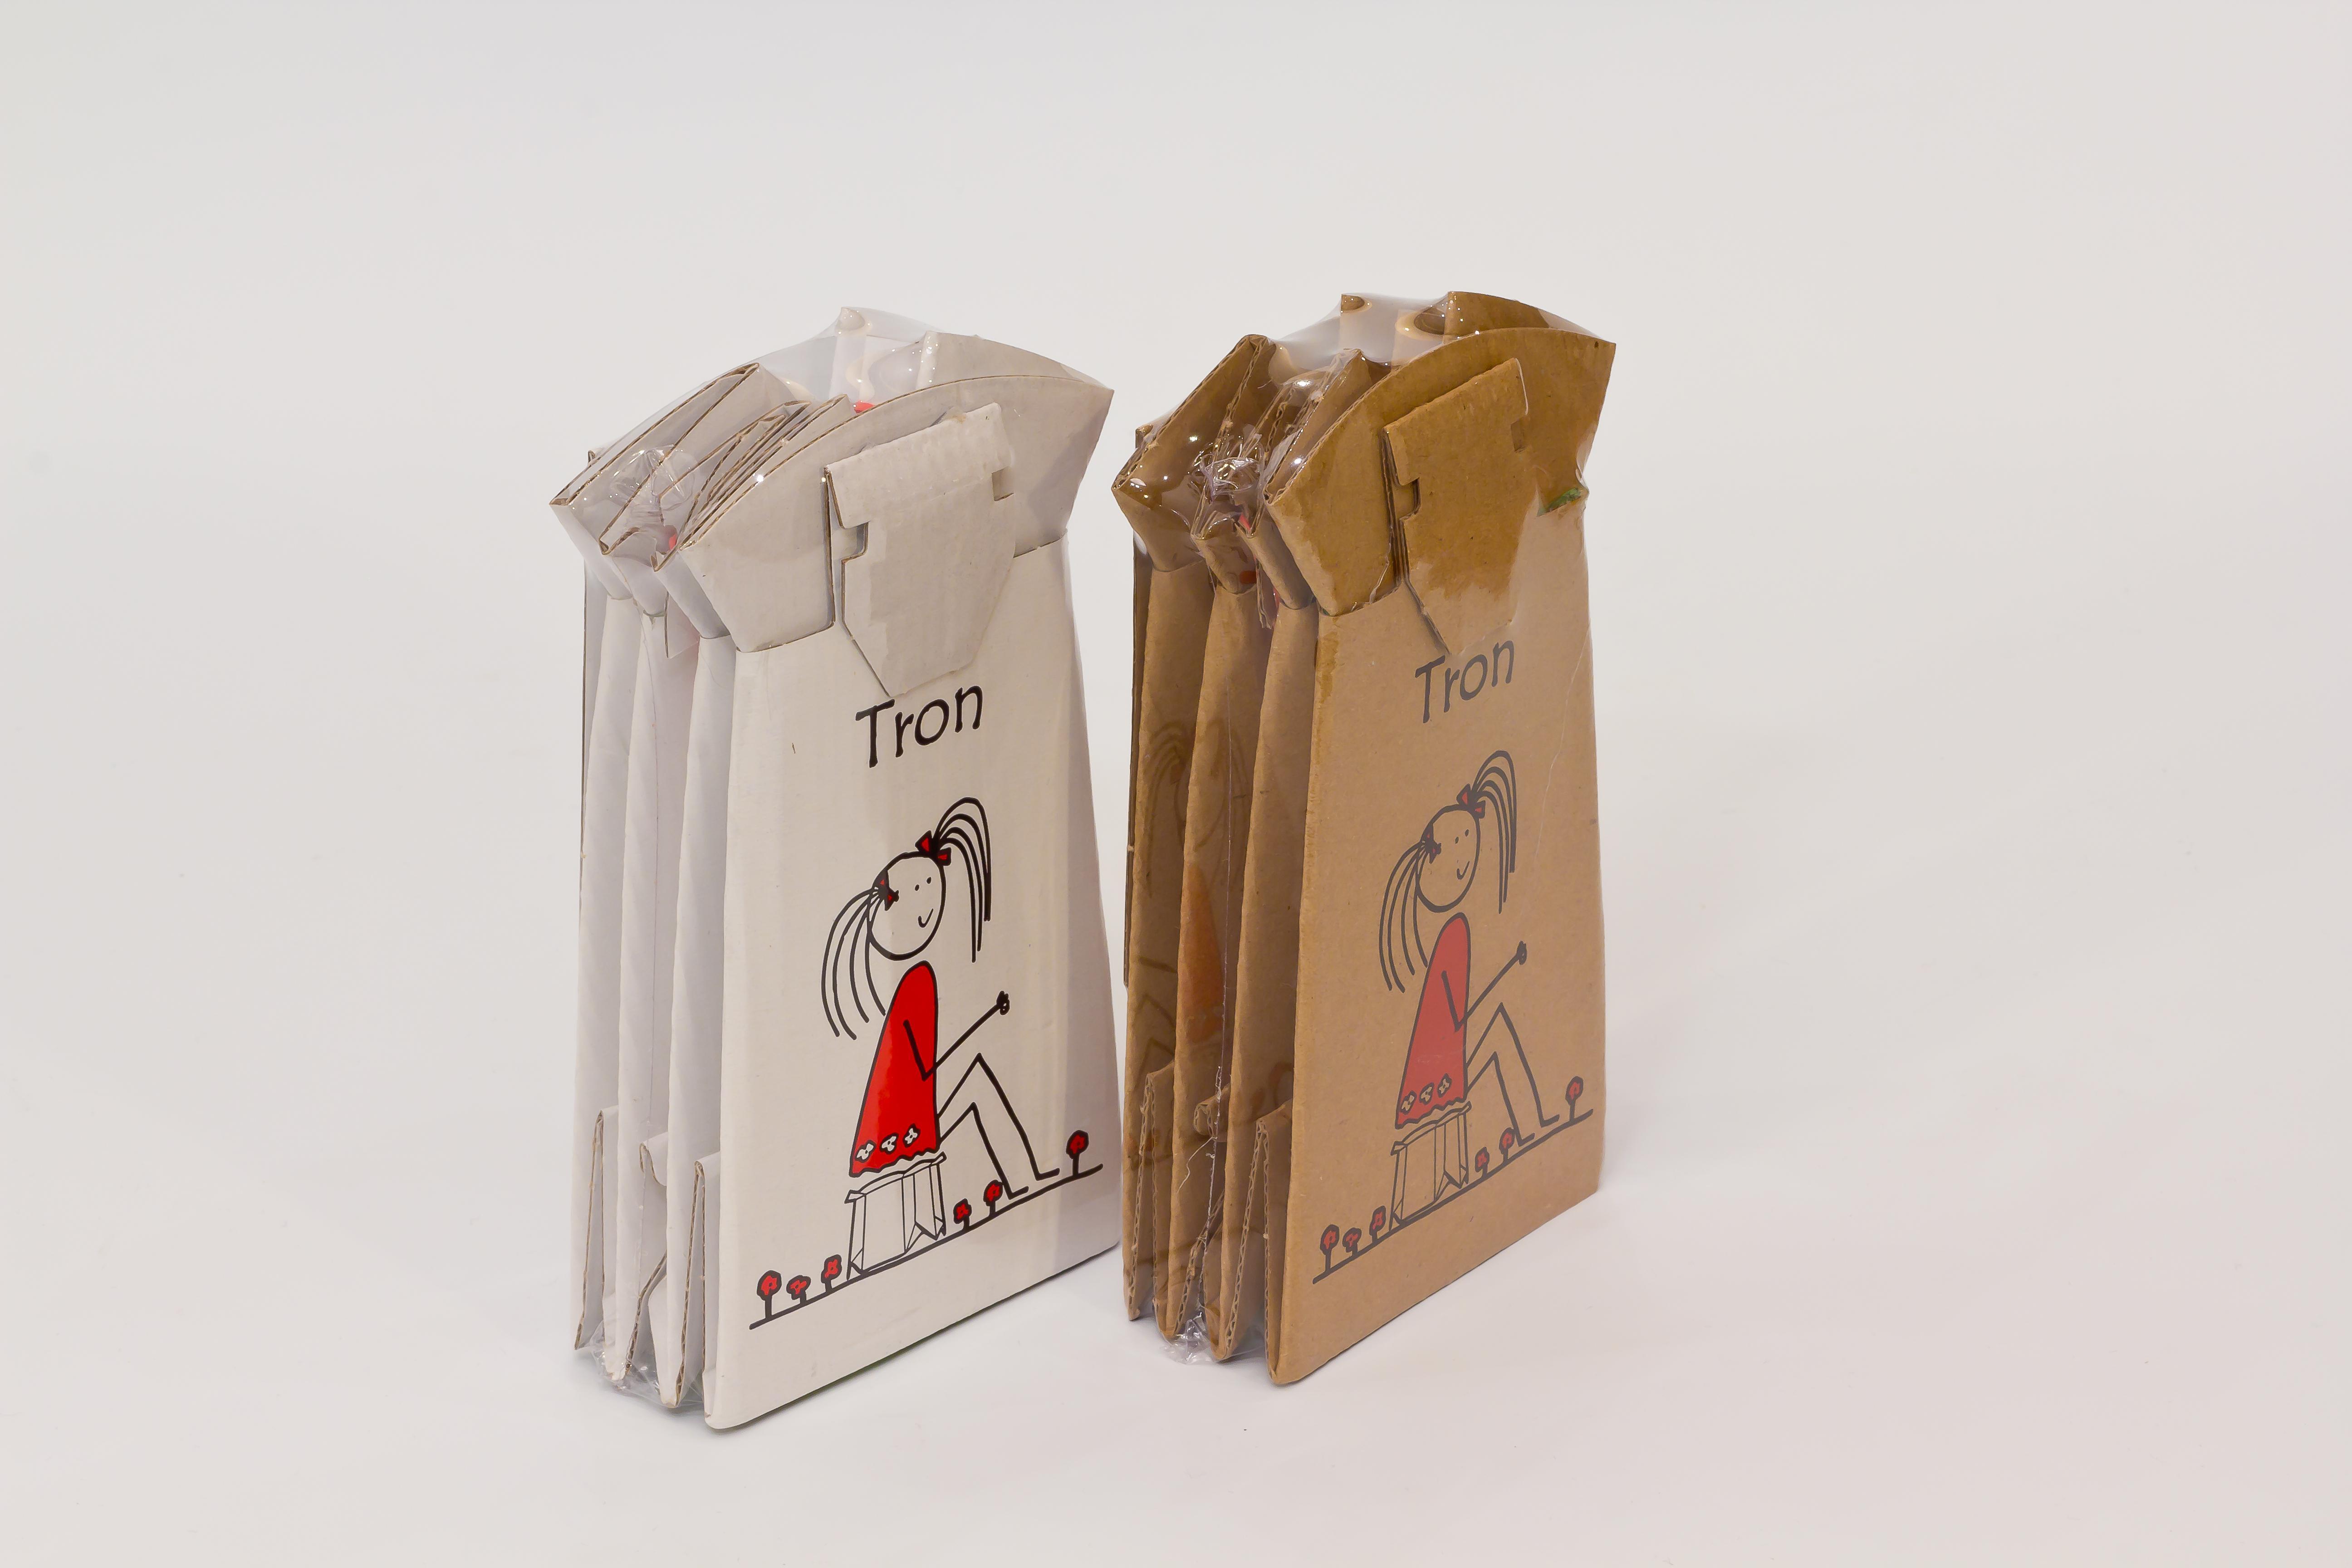 Tron - vasino monouso pieghevole e biodegradabile ideale per uscite fuori casa - multipack